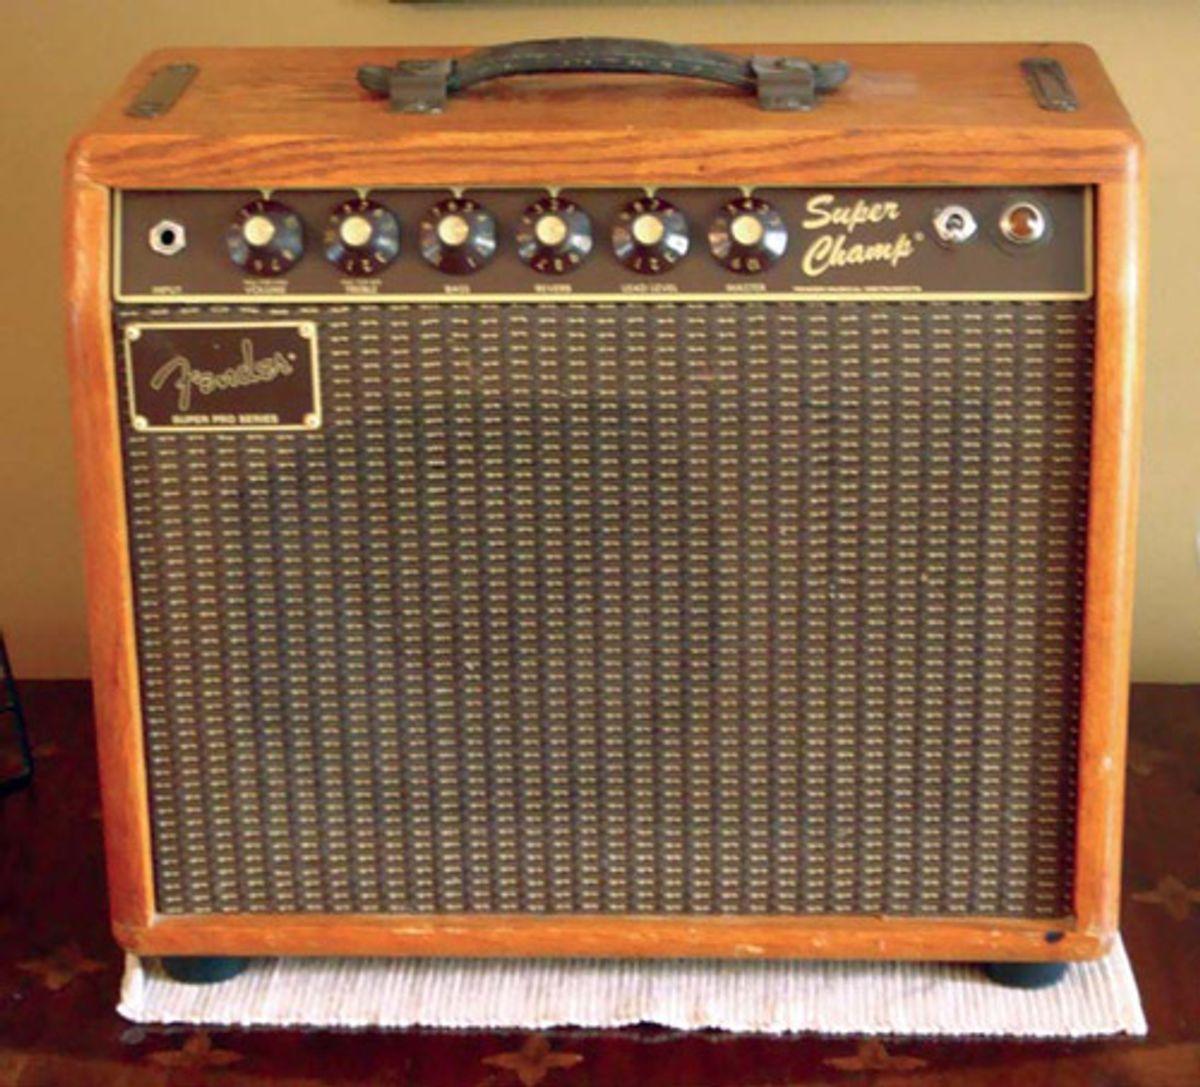 1986 Fender Super Champ Deluxe